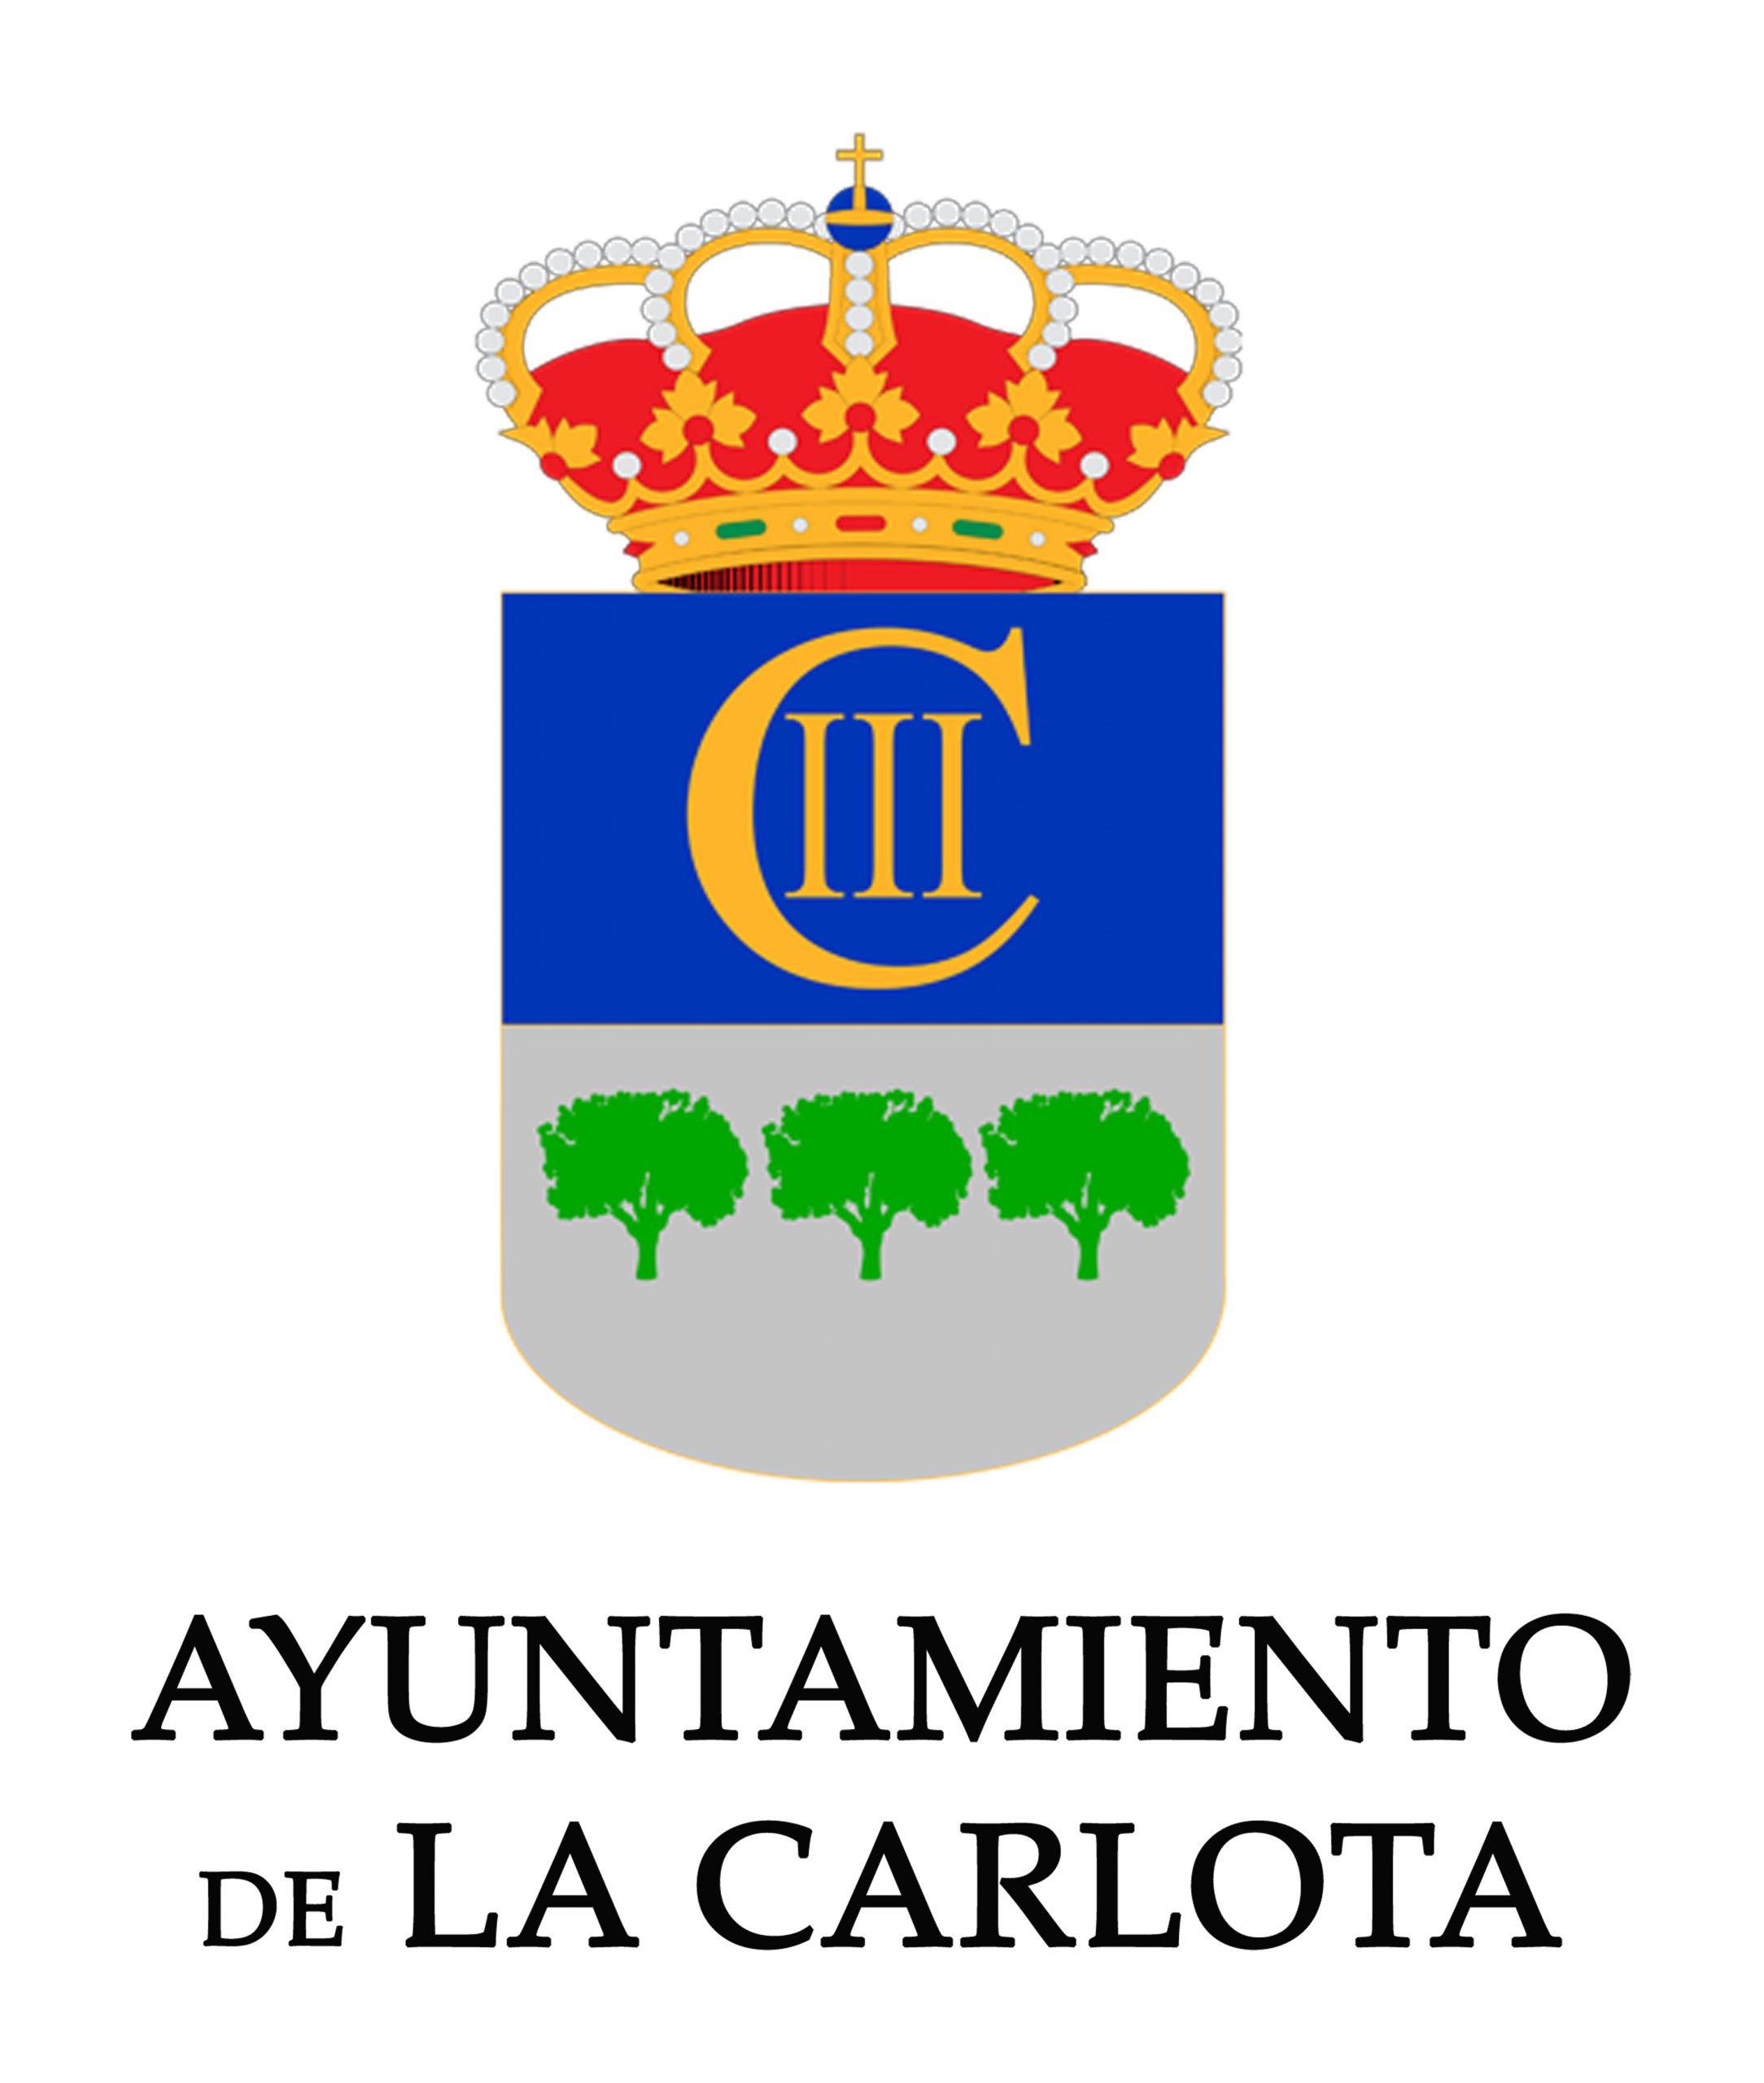 EL AYUNTAMIENTO DE LA CARLOTA TIENE CONSTANCIA DE UN NUEVO POSITIVO DE CORONAVIRUS EN EL MUNICIPIO 1